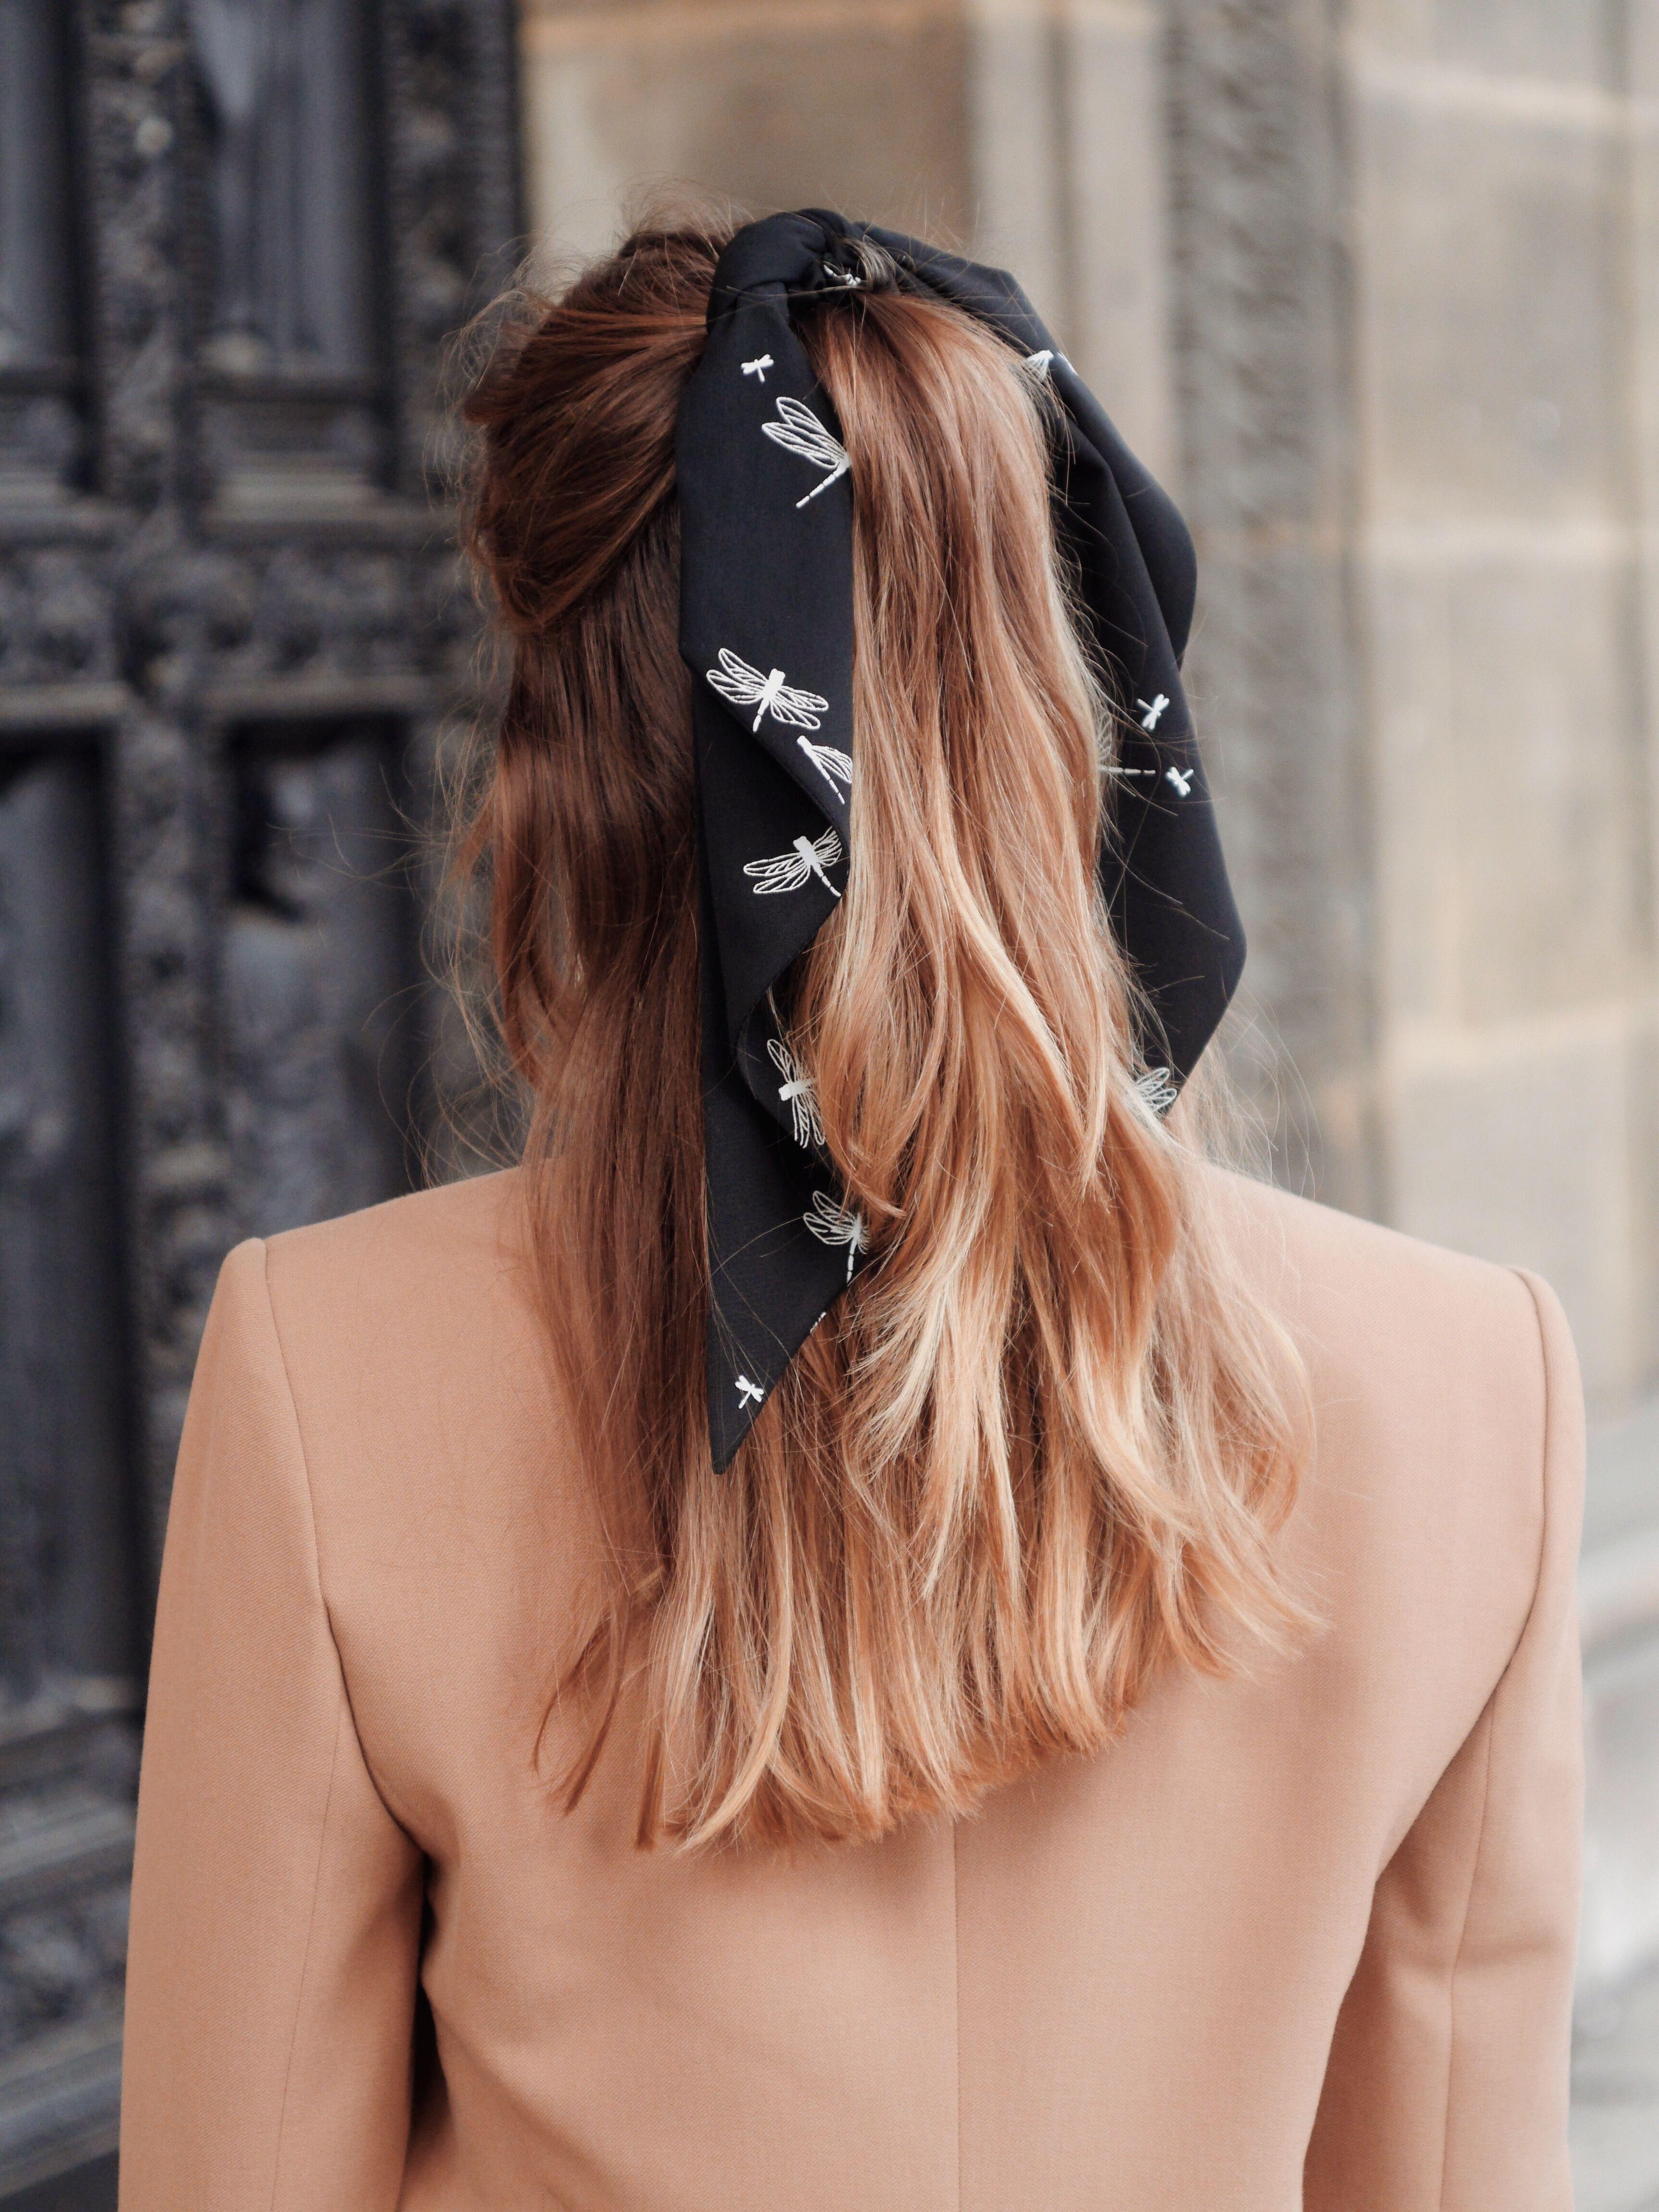 large choix de designs vraie qualité moins cher A mi chemin entre un chouchou et un foulard. C'est le fruit ...